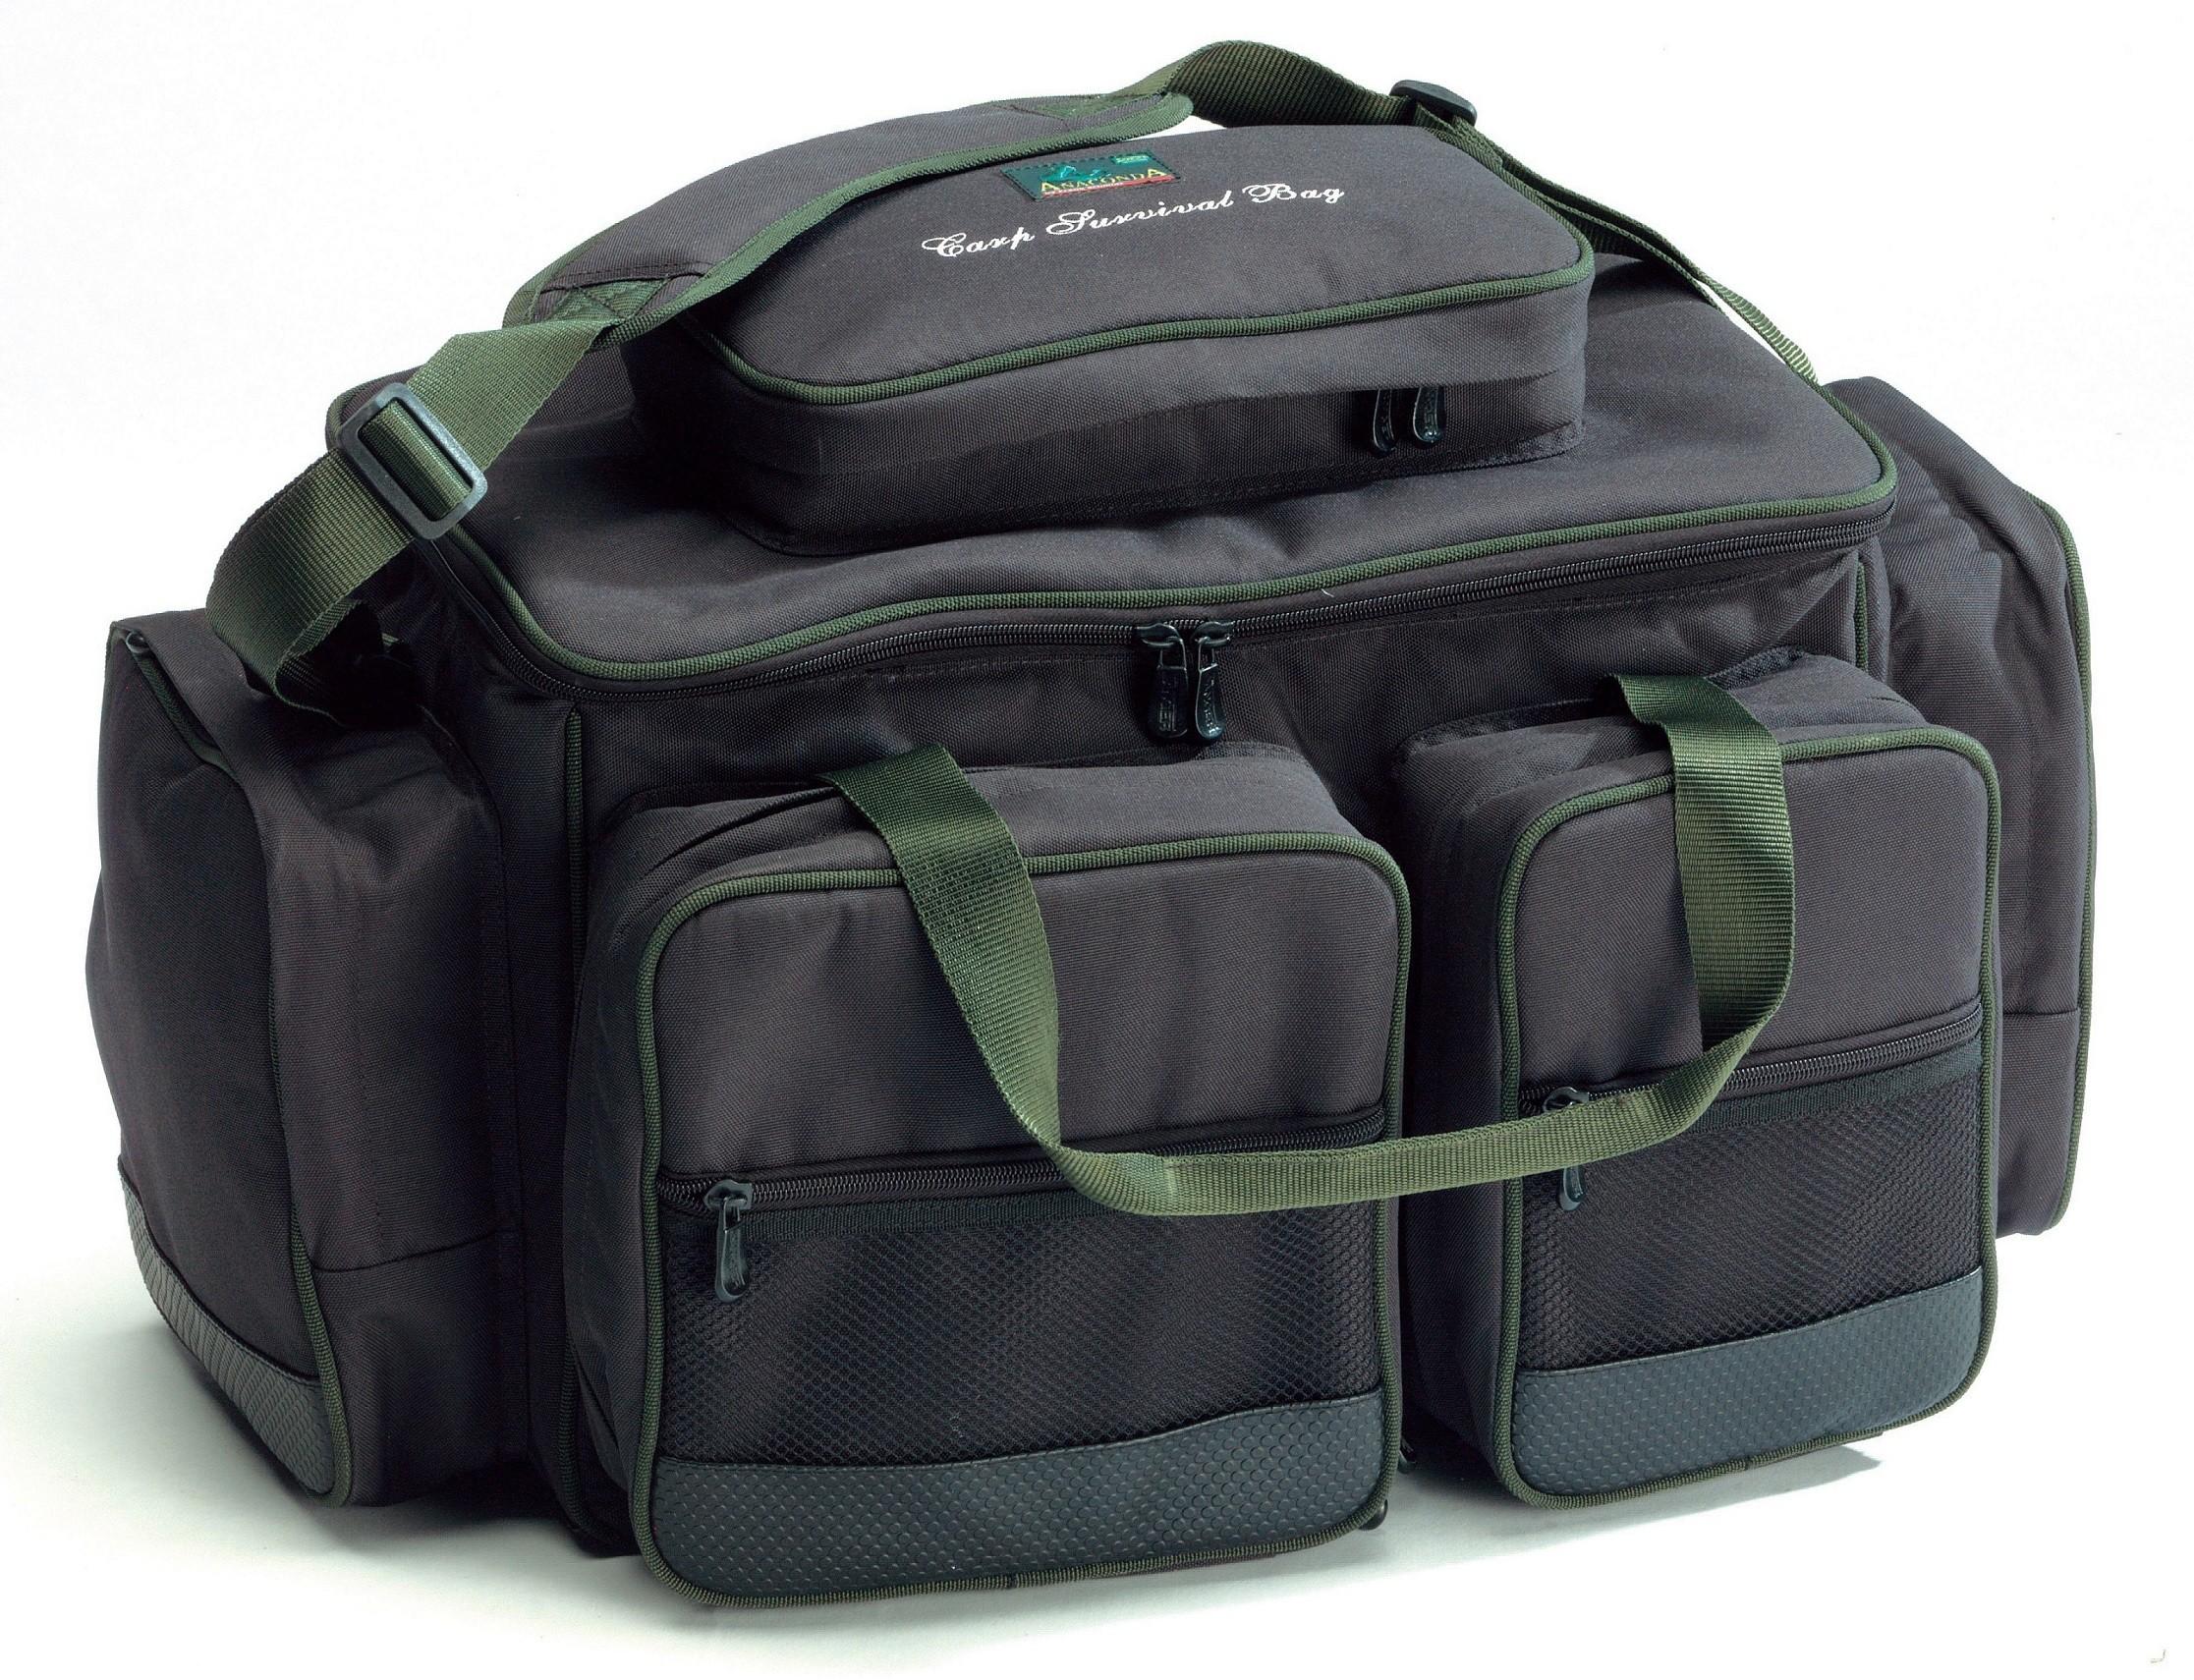 3517f893cb021 Torba termiczna Survival Bag Anaconda 7142 010 - wedkarski.com